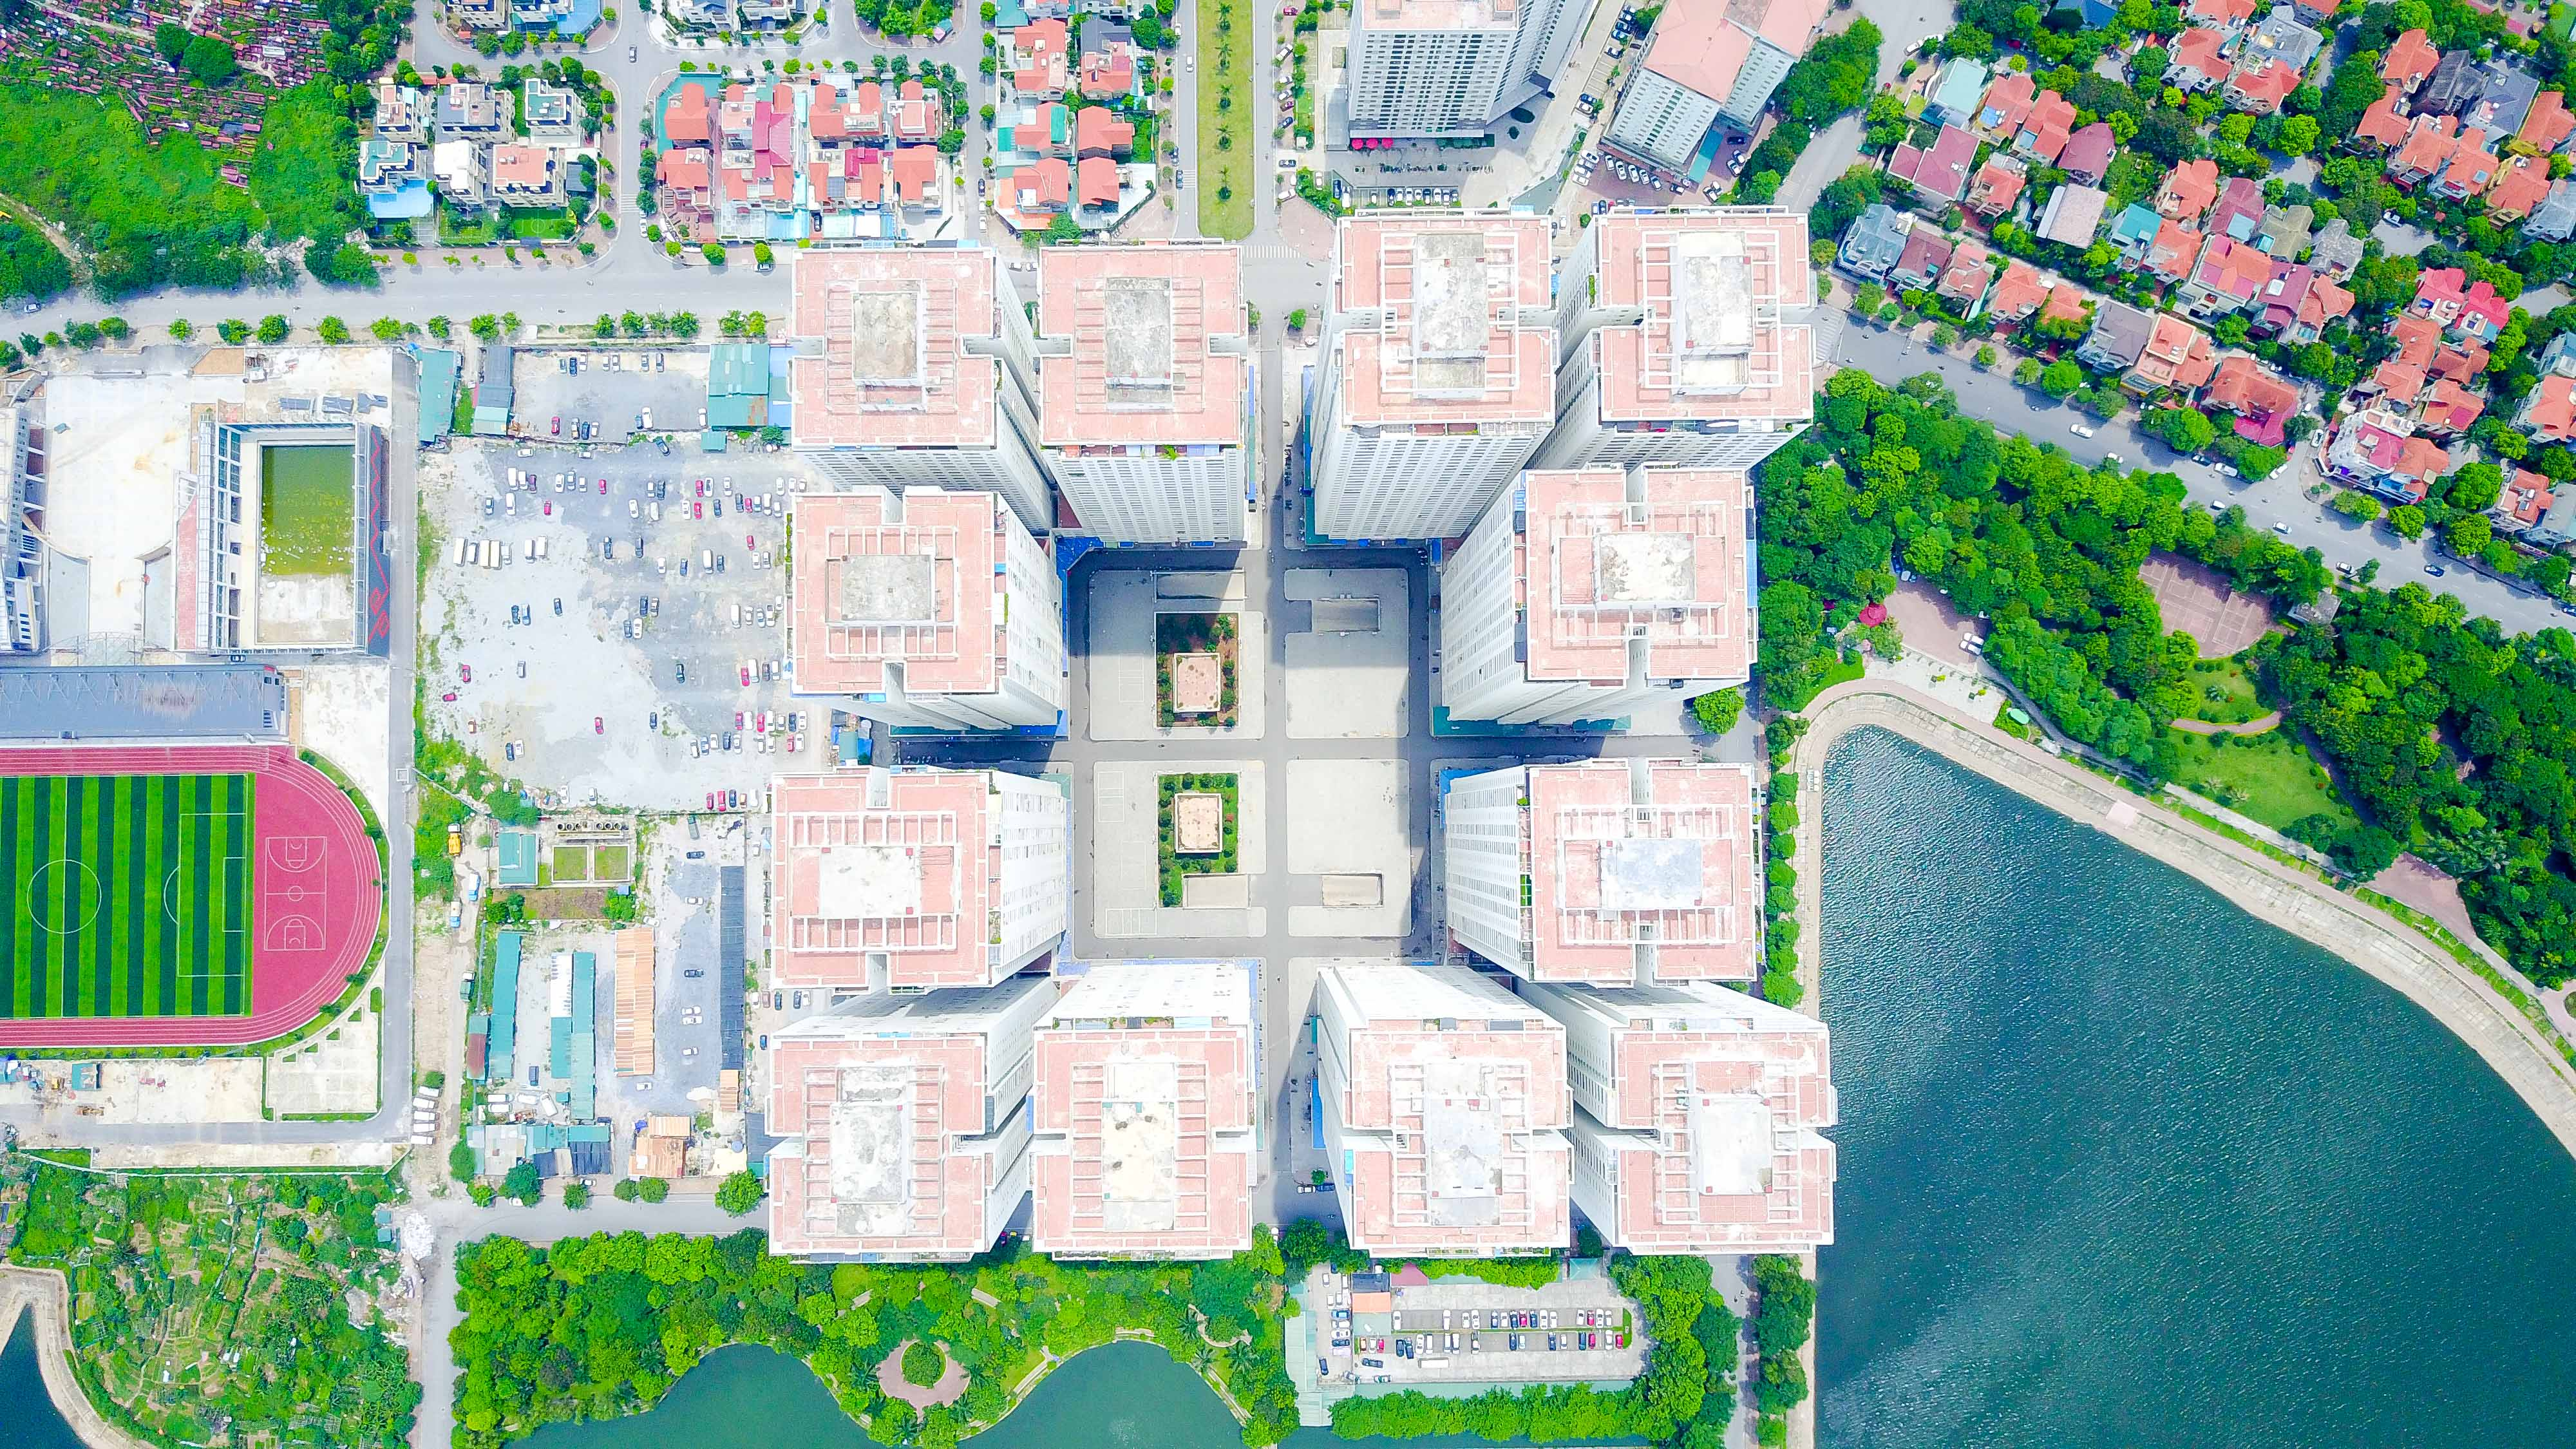 Dự án chung cư HH,thuộc Khu đô thị Linh Đàm bao gồm nhiều tòa nhà chung cư 36-41 tầng. Vào trưa 16-9-2015 đã xảy ra vụ hỏa hoạn ở khu nhà HH. Nguyên nhân vụ cháy được xác định là do sự cố từ hộp kỹ thuật tầng 17.